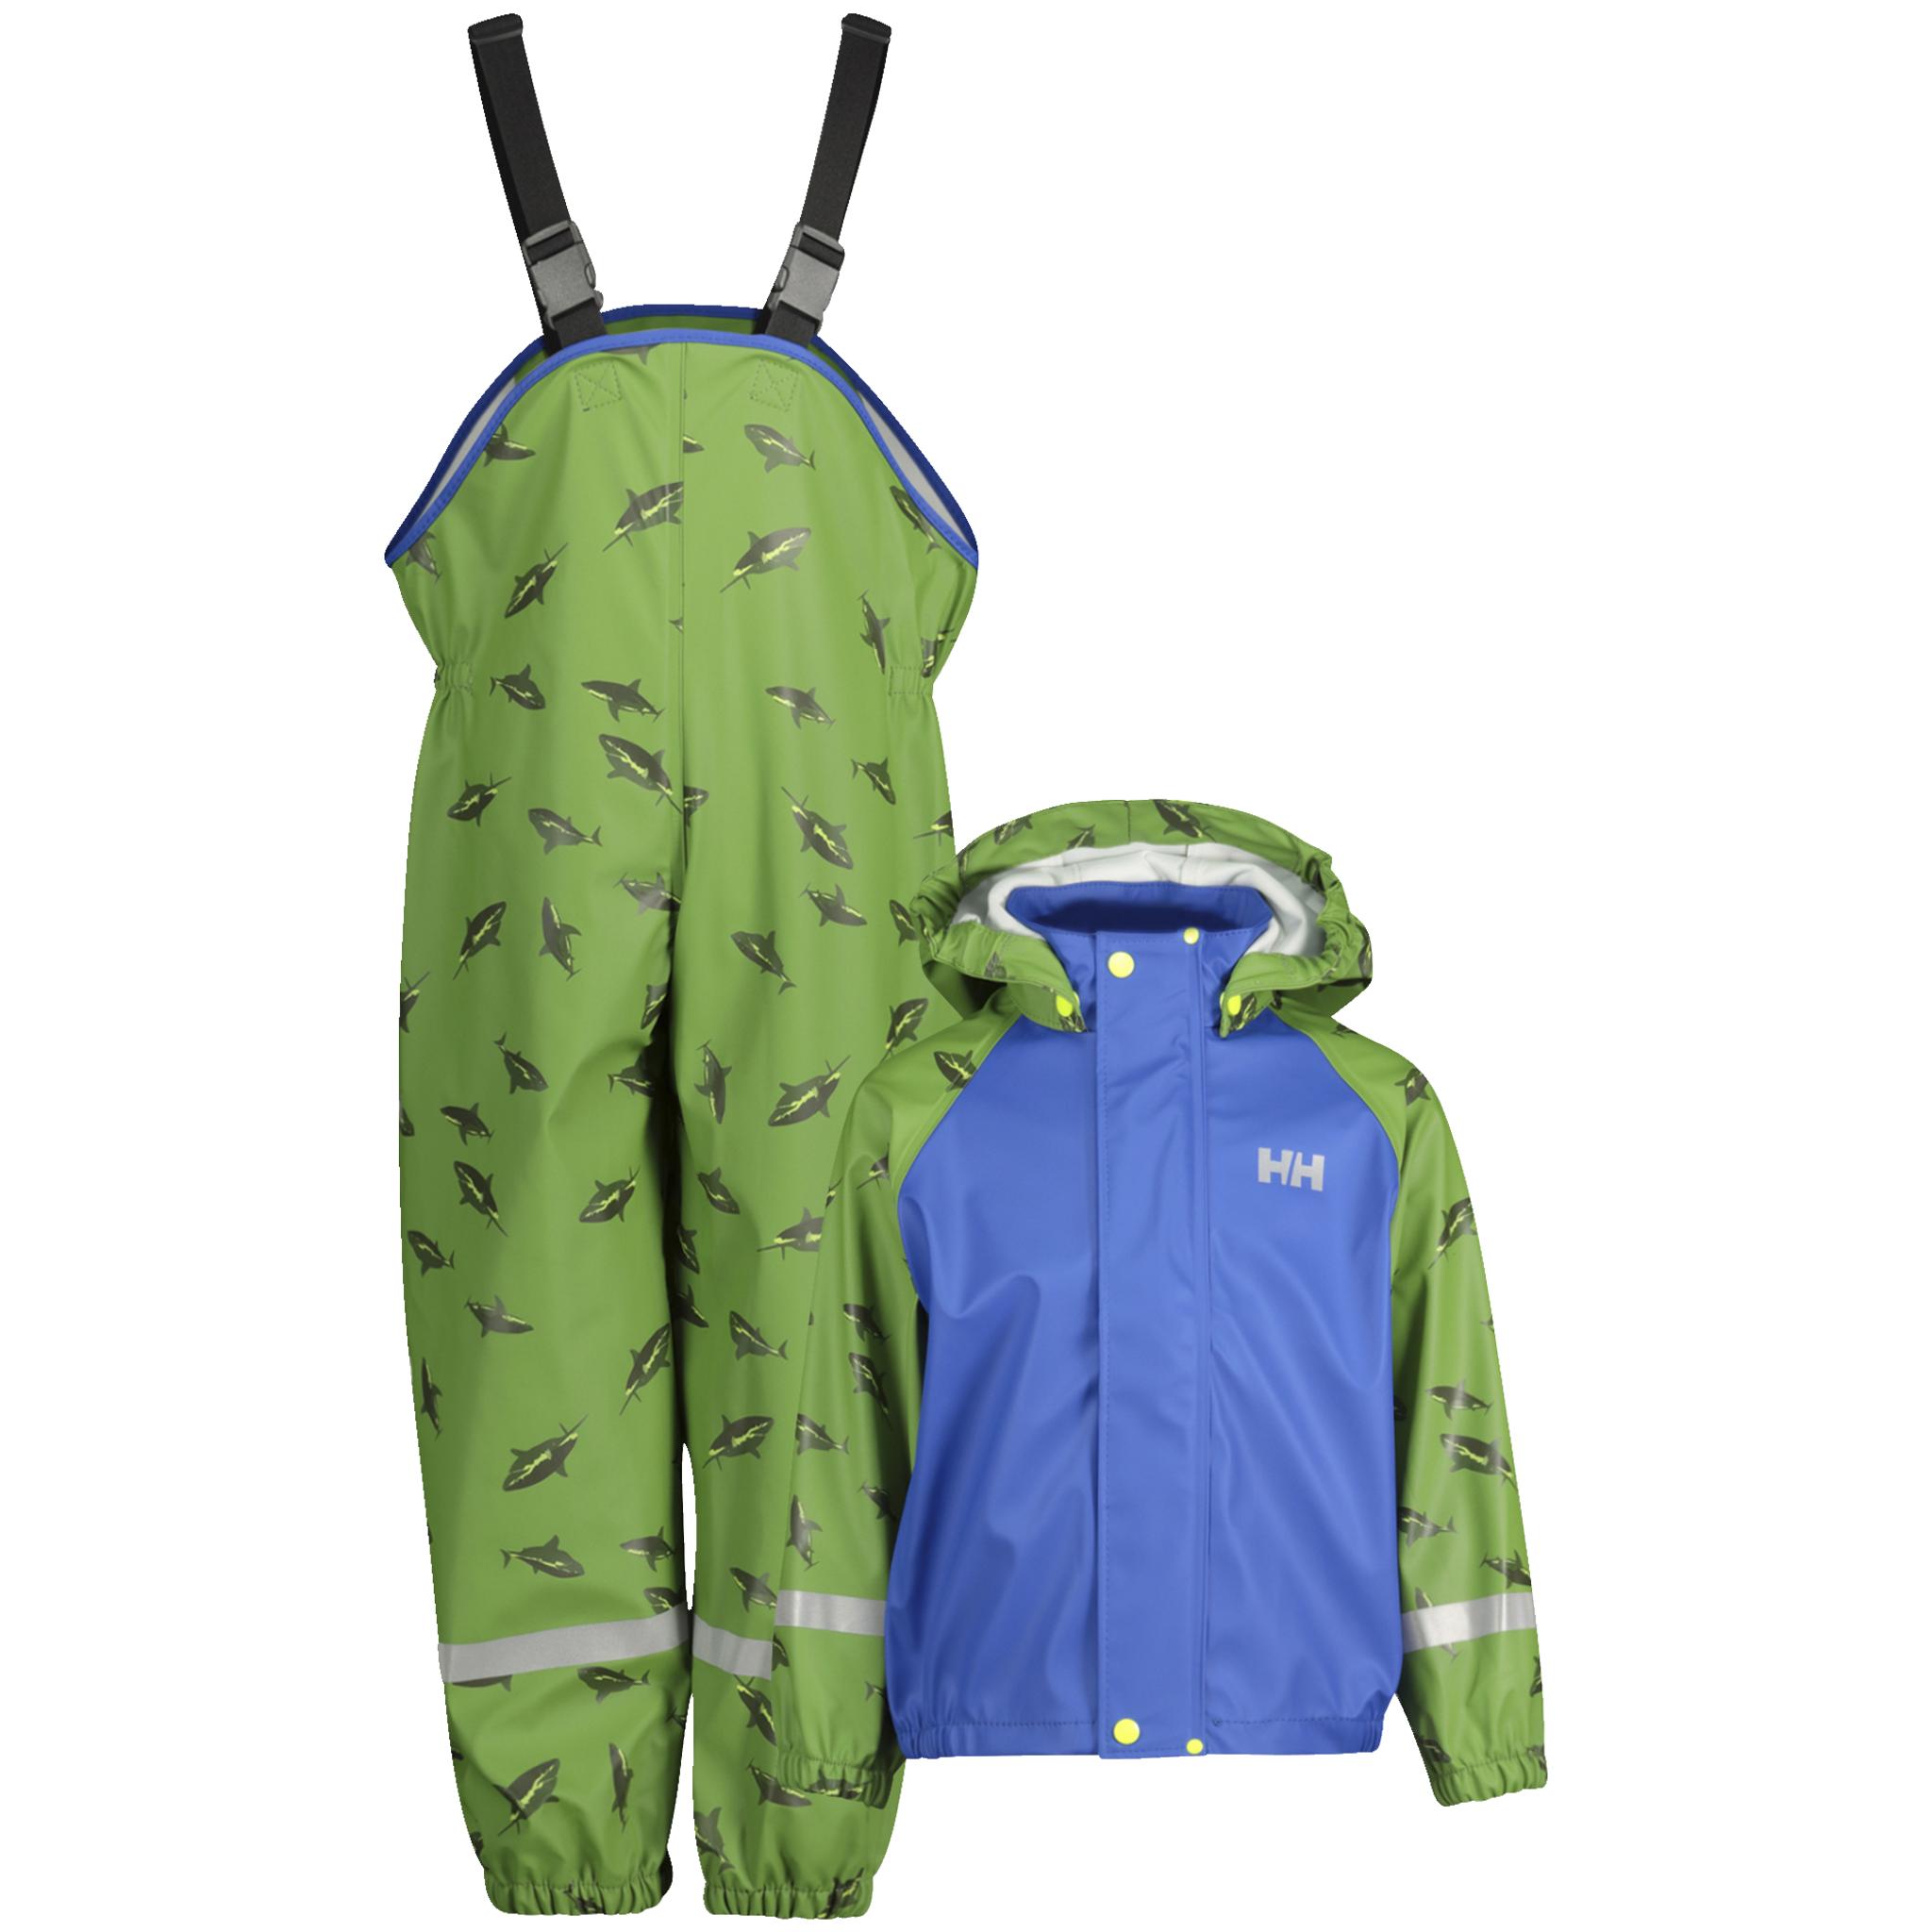 ec9554af regntøy barn på nettet - Hos oss finner du regntøy barn